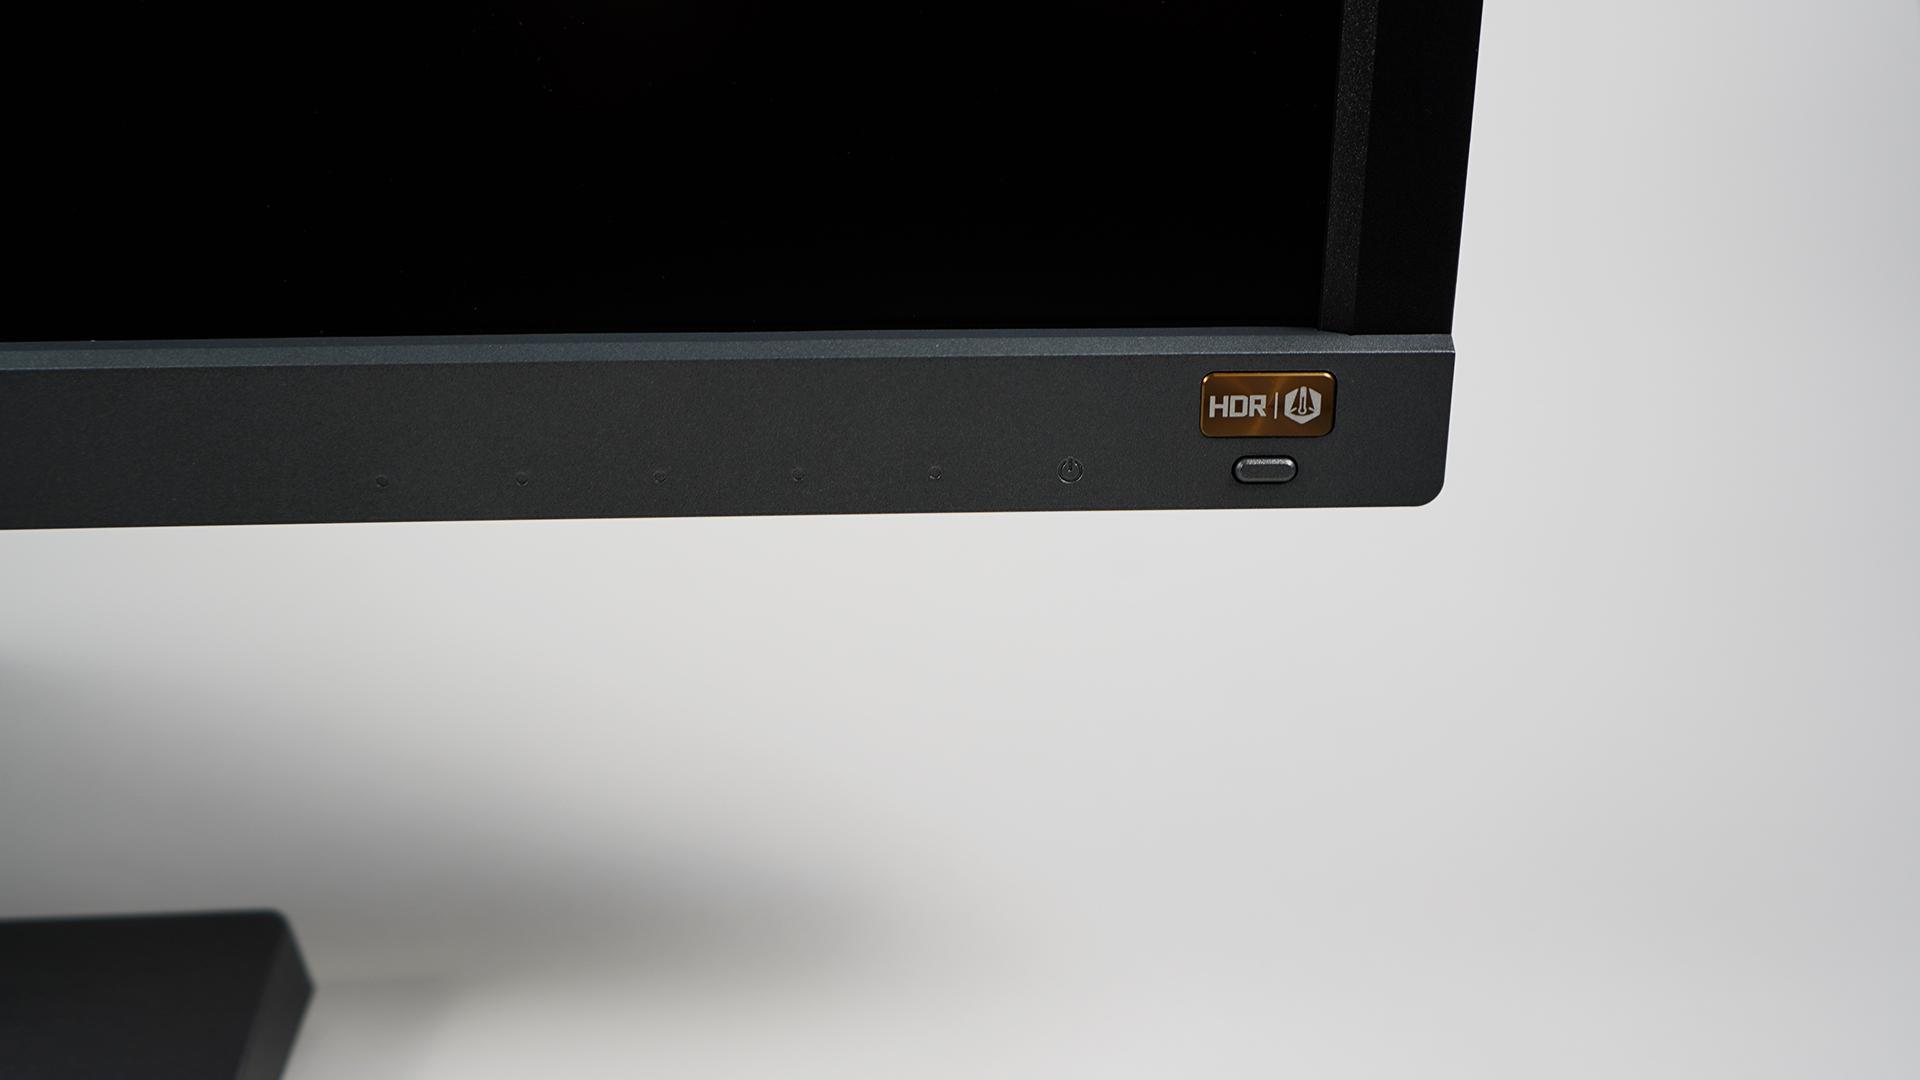 BenQ EL2870U HDR Taste